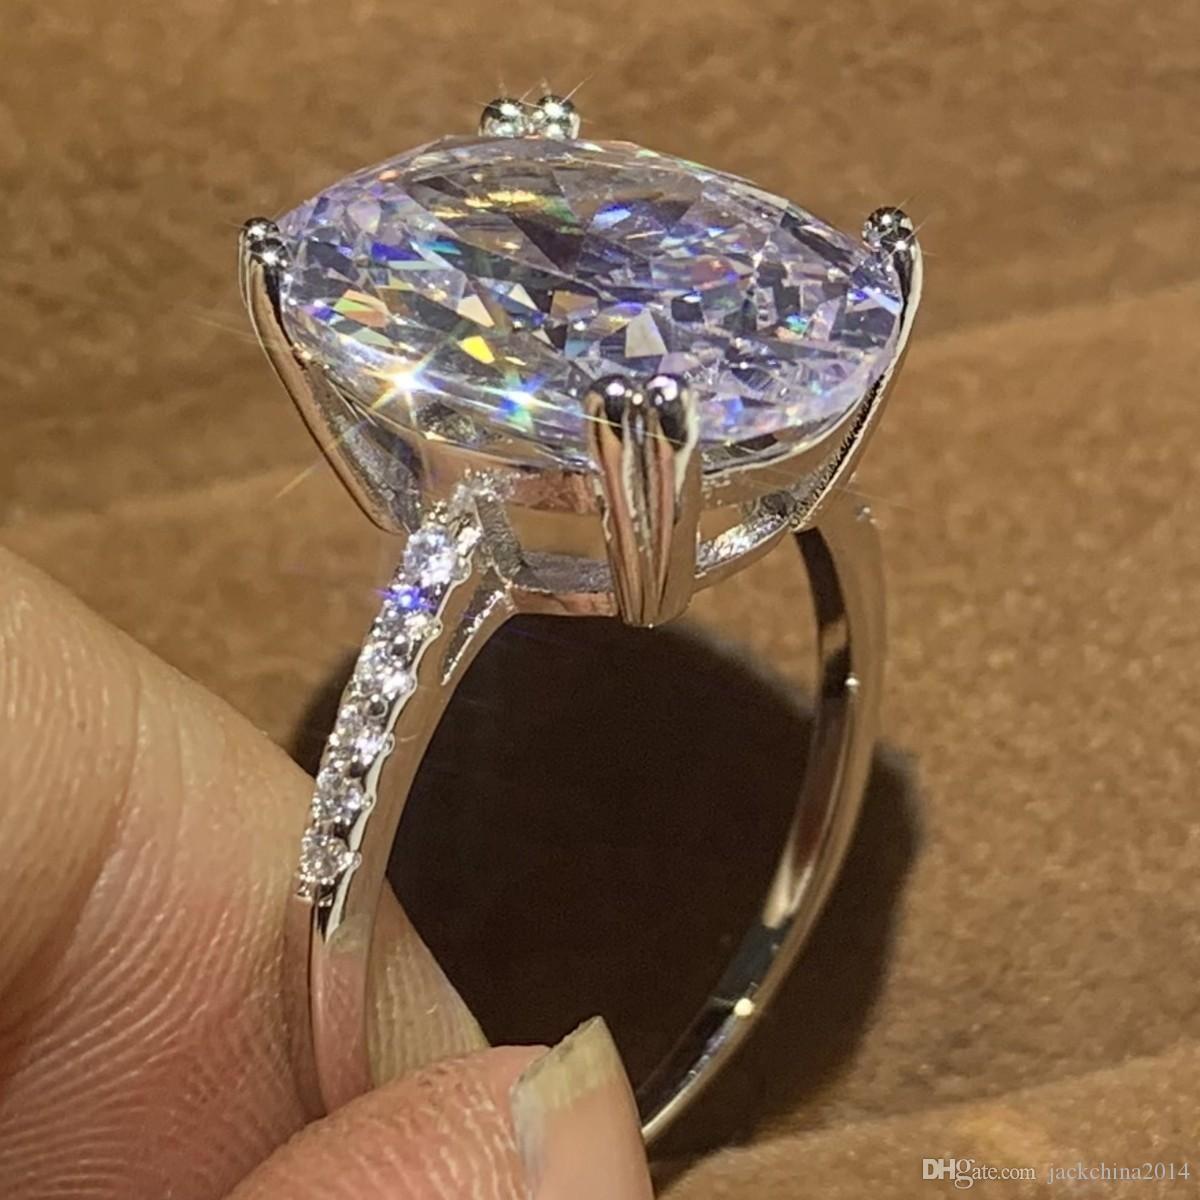 Tamanho 5-10 Luxury Jewelry solitário de diamante real 925 Oval prata Cut Branco Topaz Gemas Dove Egg Mulheres presente de casamento Anel Banda